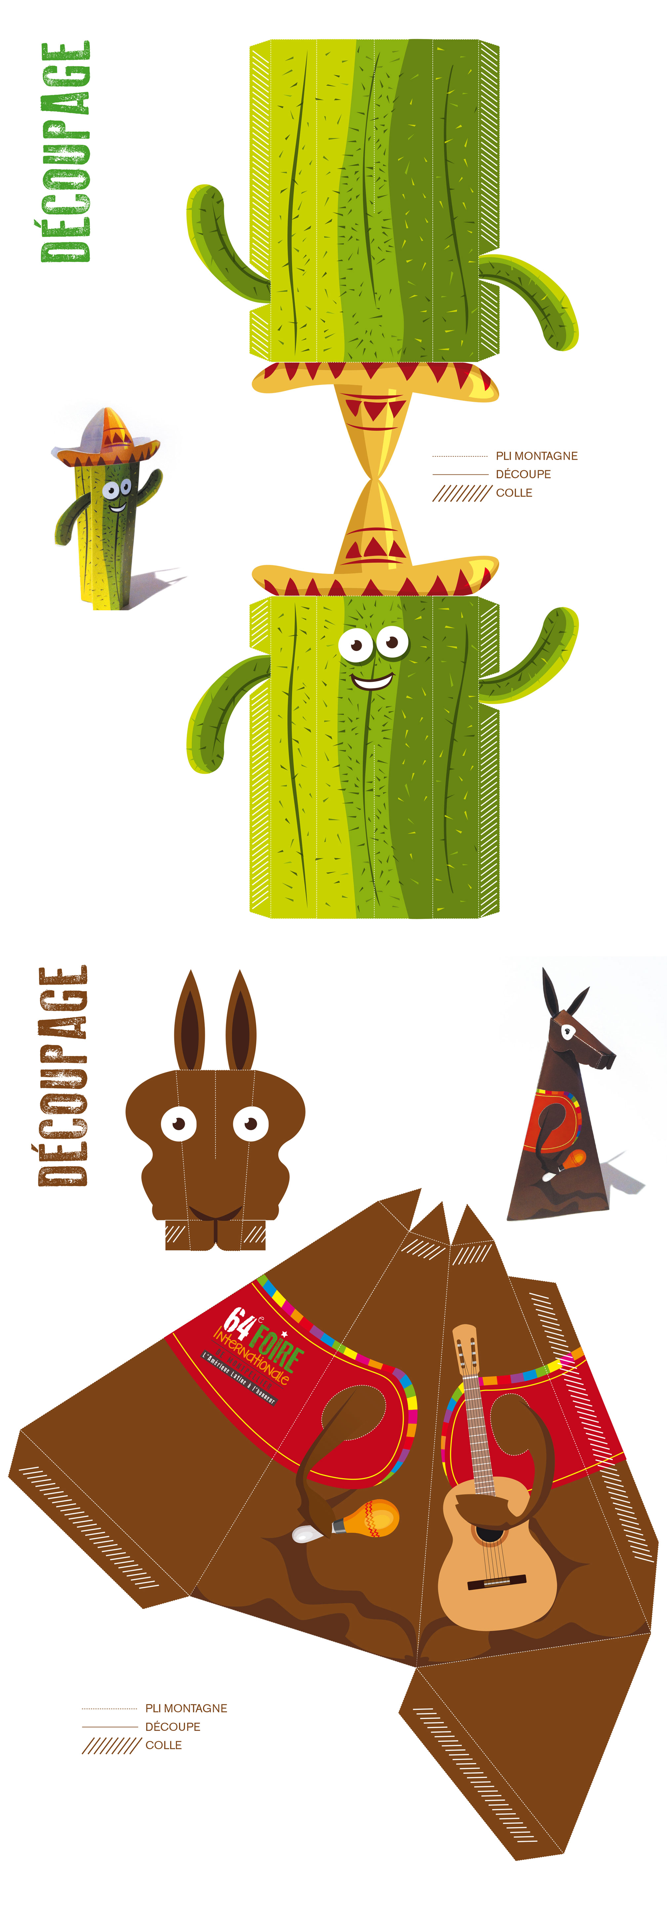 image-mascottes-05.jpg